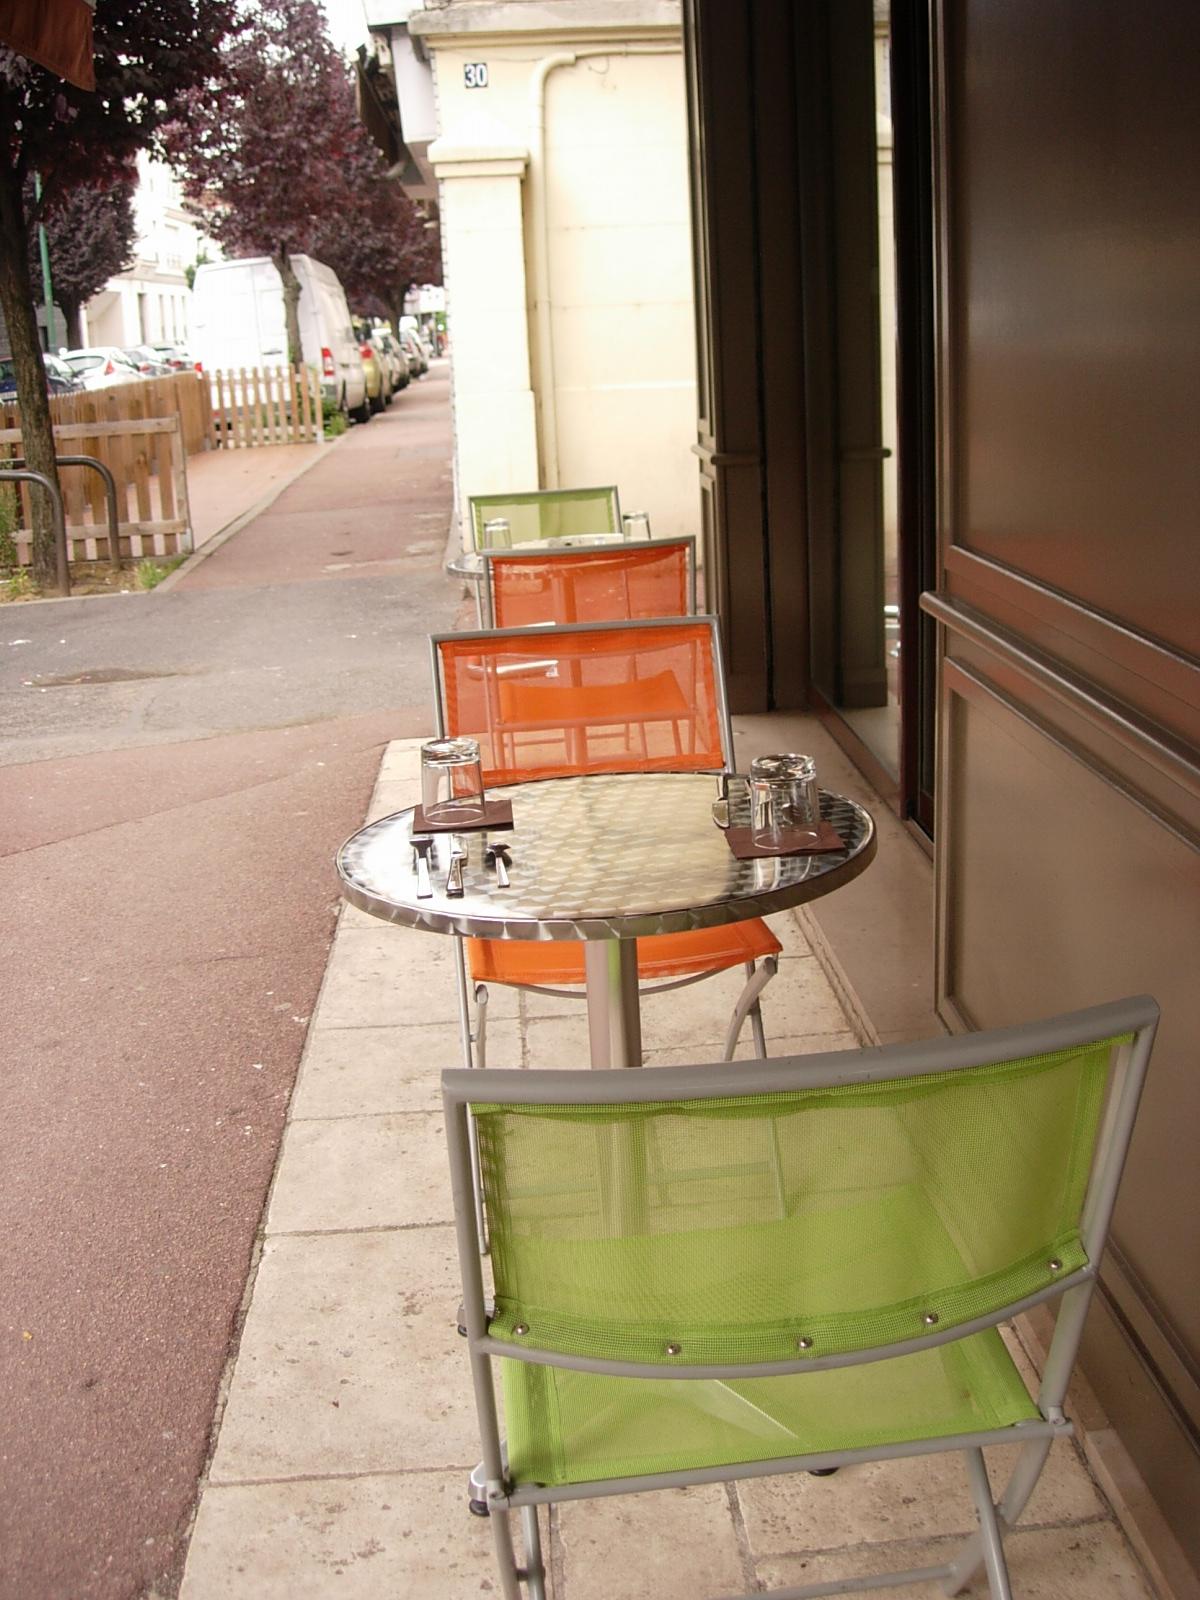 terrasse boutique ze gato issy les moulineaux dr melle bon plan mademoiselle bon plan. Black Bedroom Furniture Sets. Home Design Ideas